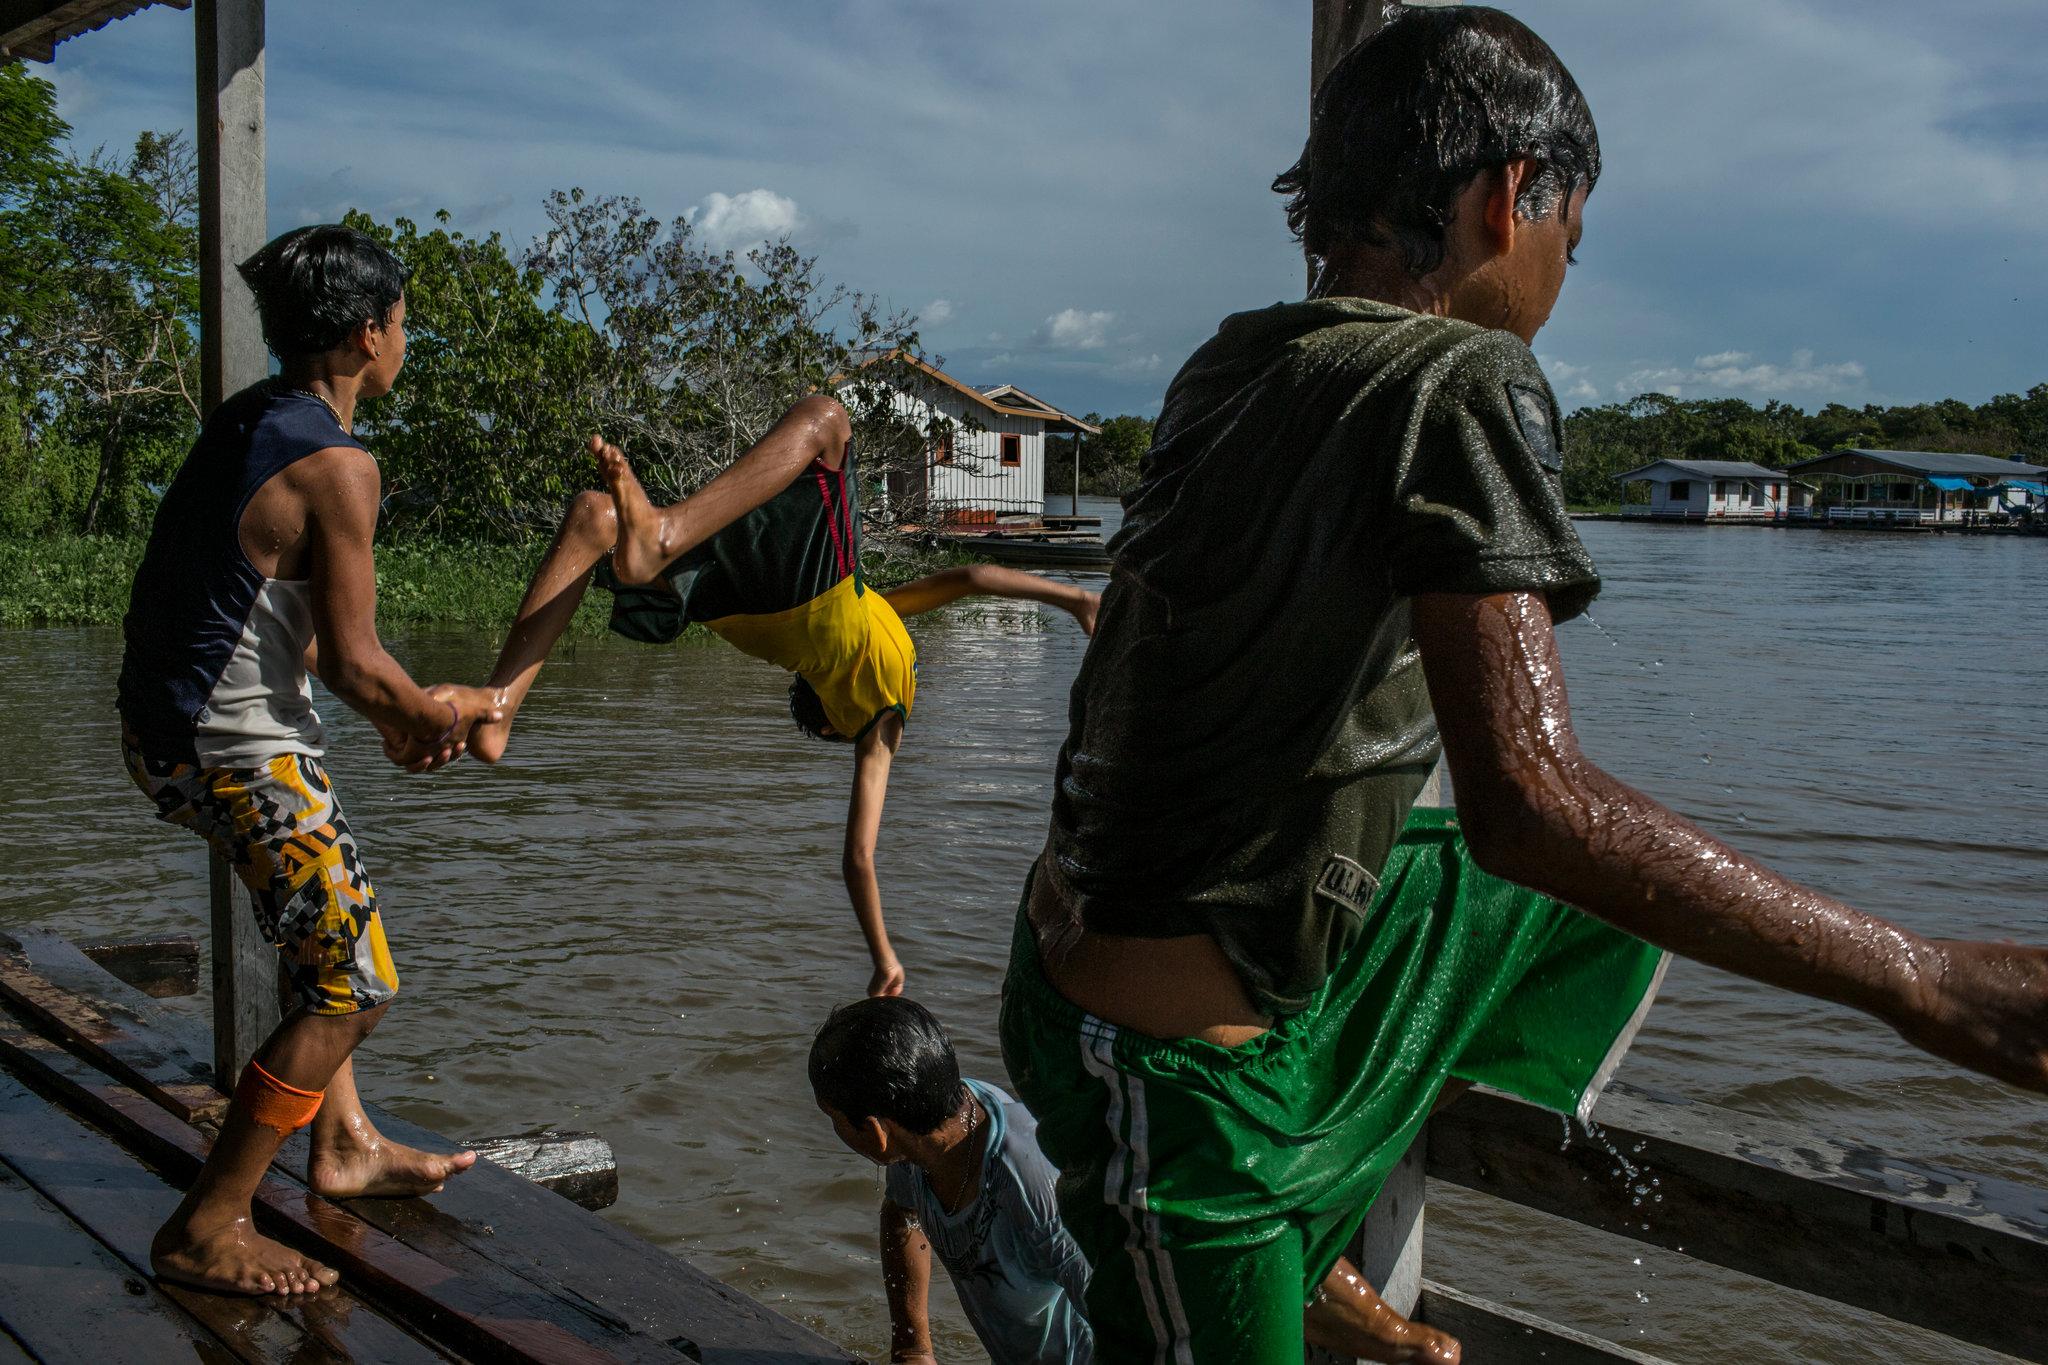 perierga.gr - Το πλωτό χωριό του Αμαζονίου όπου όλοι παίζουν ποδόσφαιρο!